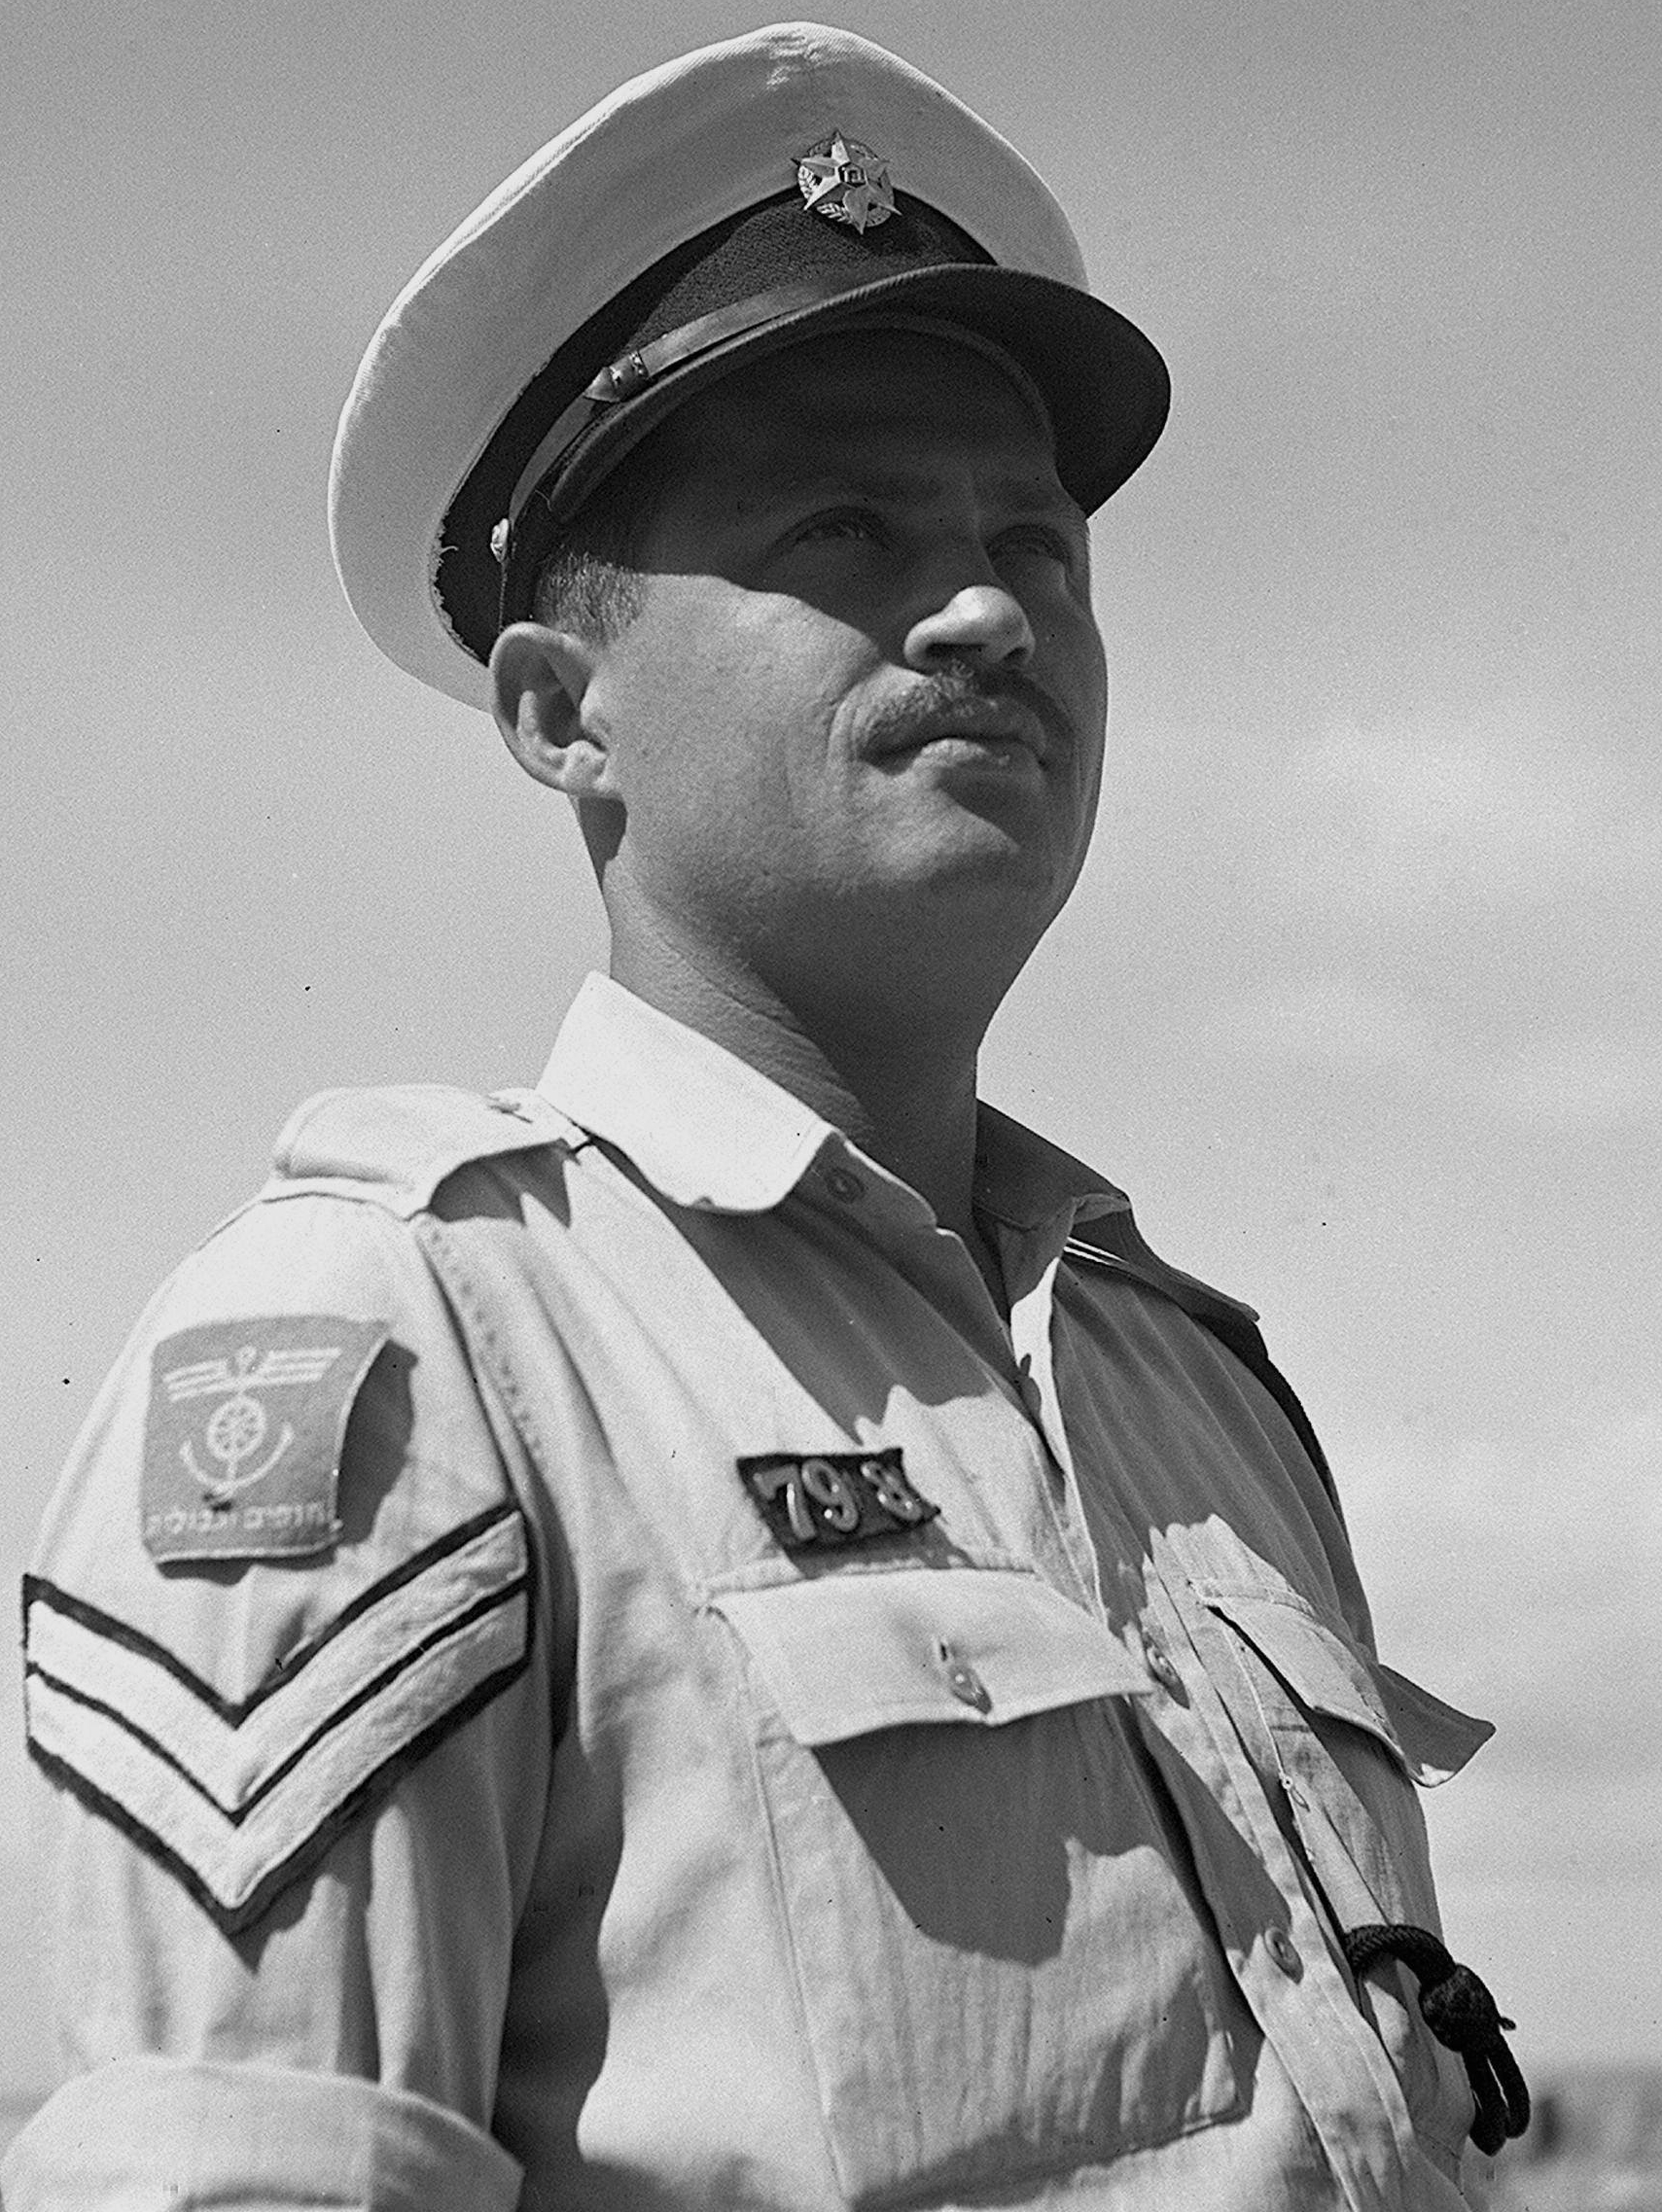 סיכות ותגים של משטרת ישראל